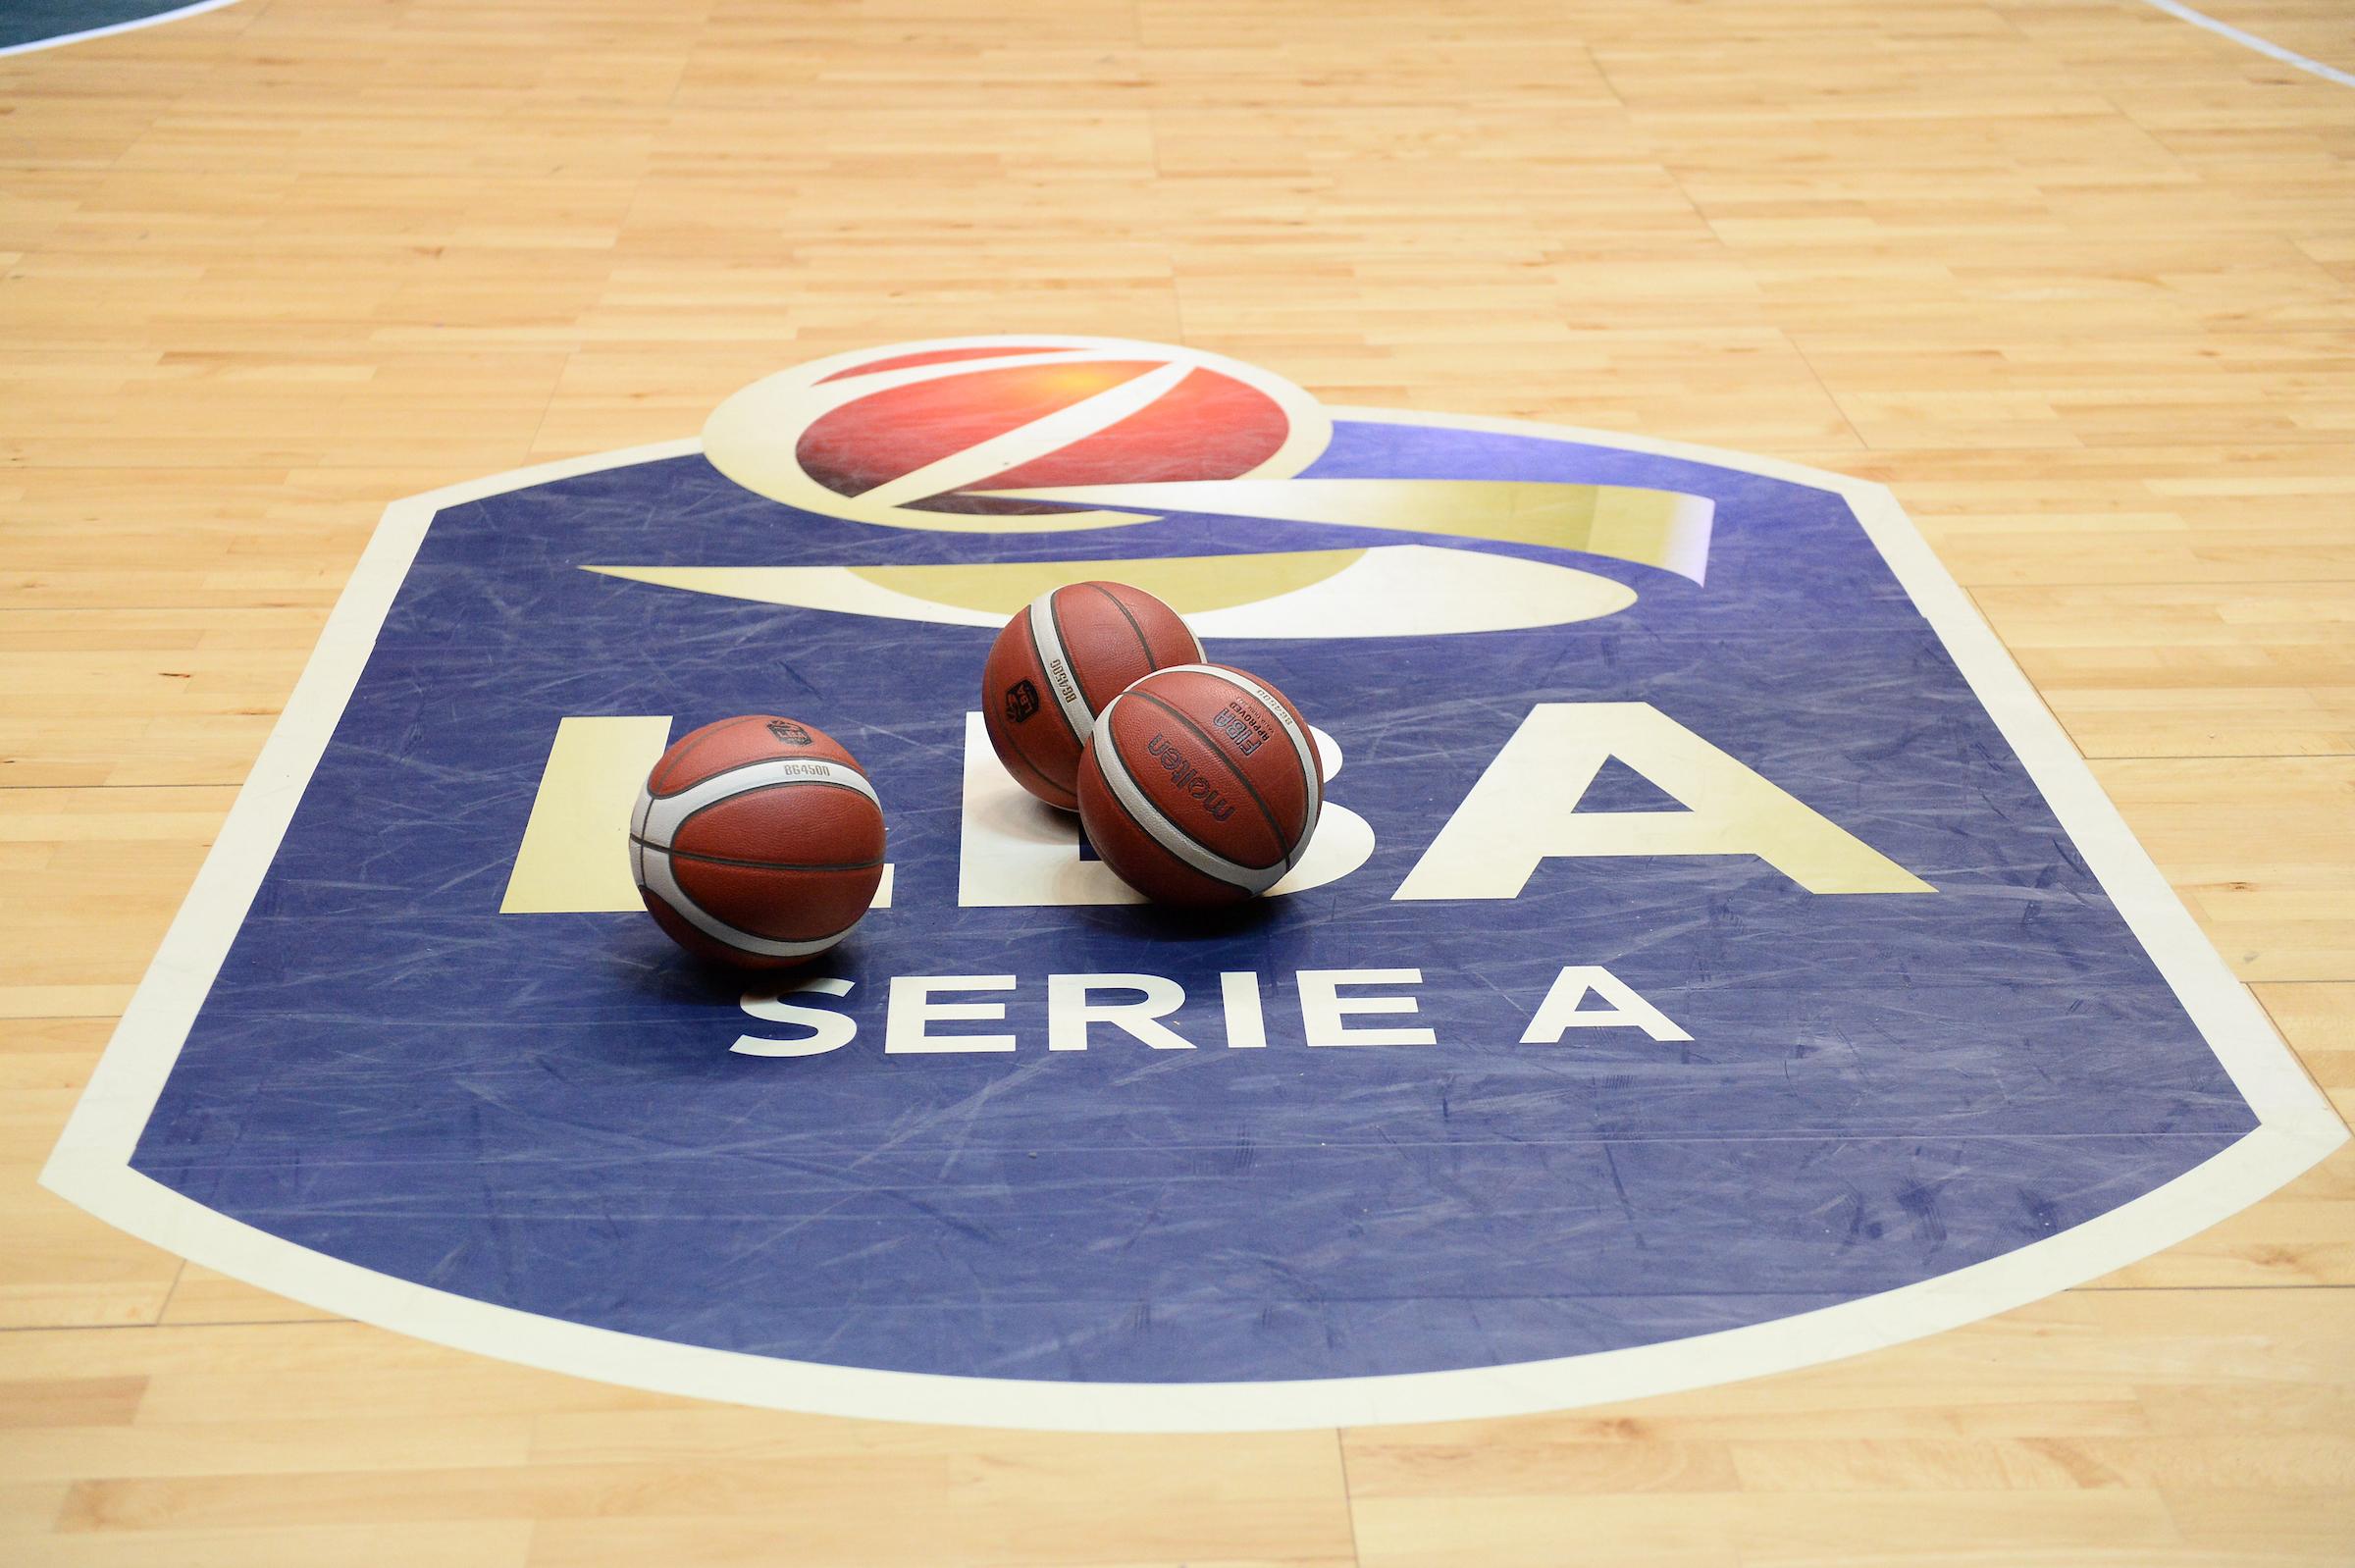 Calendario Basket A1 2020 2021 Il sito della LBA pubblica (per errore?) il calendario 2020 2021